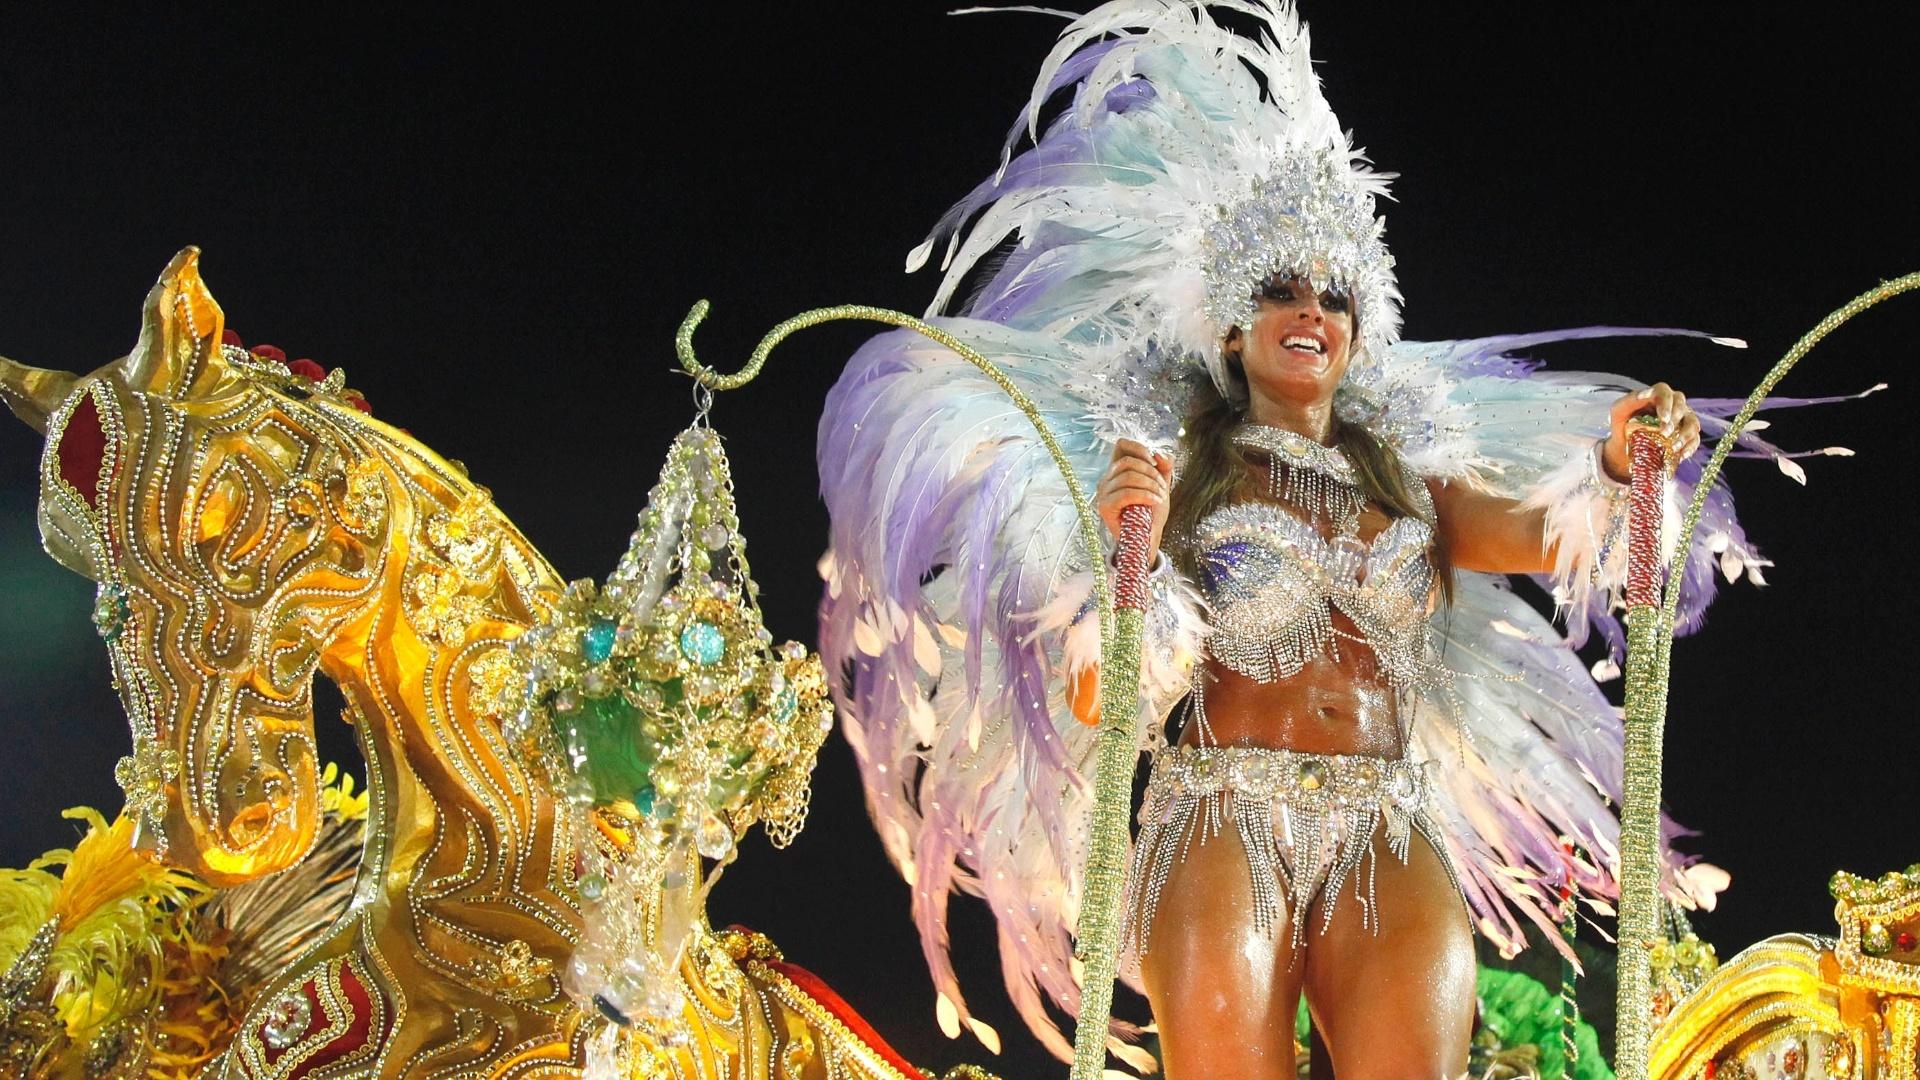 11.fev.2013 - A modelo Nicole Bahls foi uma das personalidades presentes no desfile da Beija-Flor. Ela veio no terceiro carro da escola, representando a Deusa de Diamante